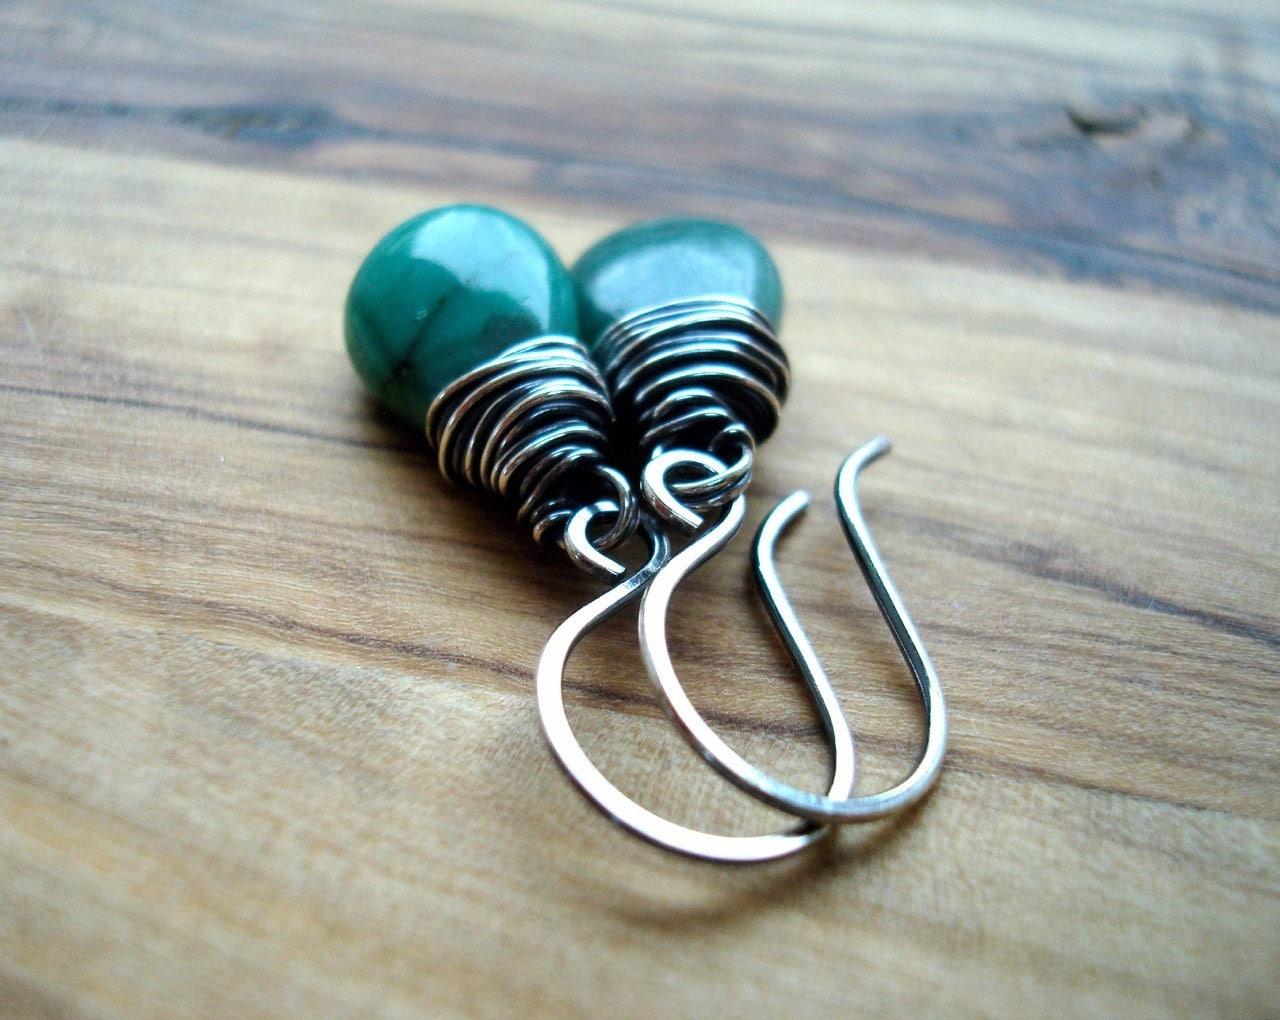 Emerald earrings  Green earrings  Sterling silver earrings  May birthstone  Wire wrapped  Green drop earrings  Birthday Gift for her